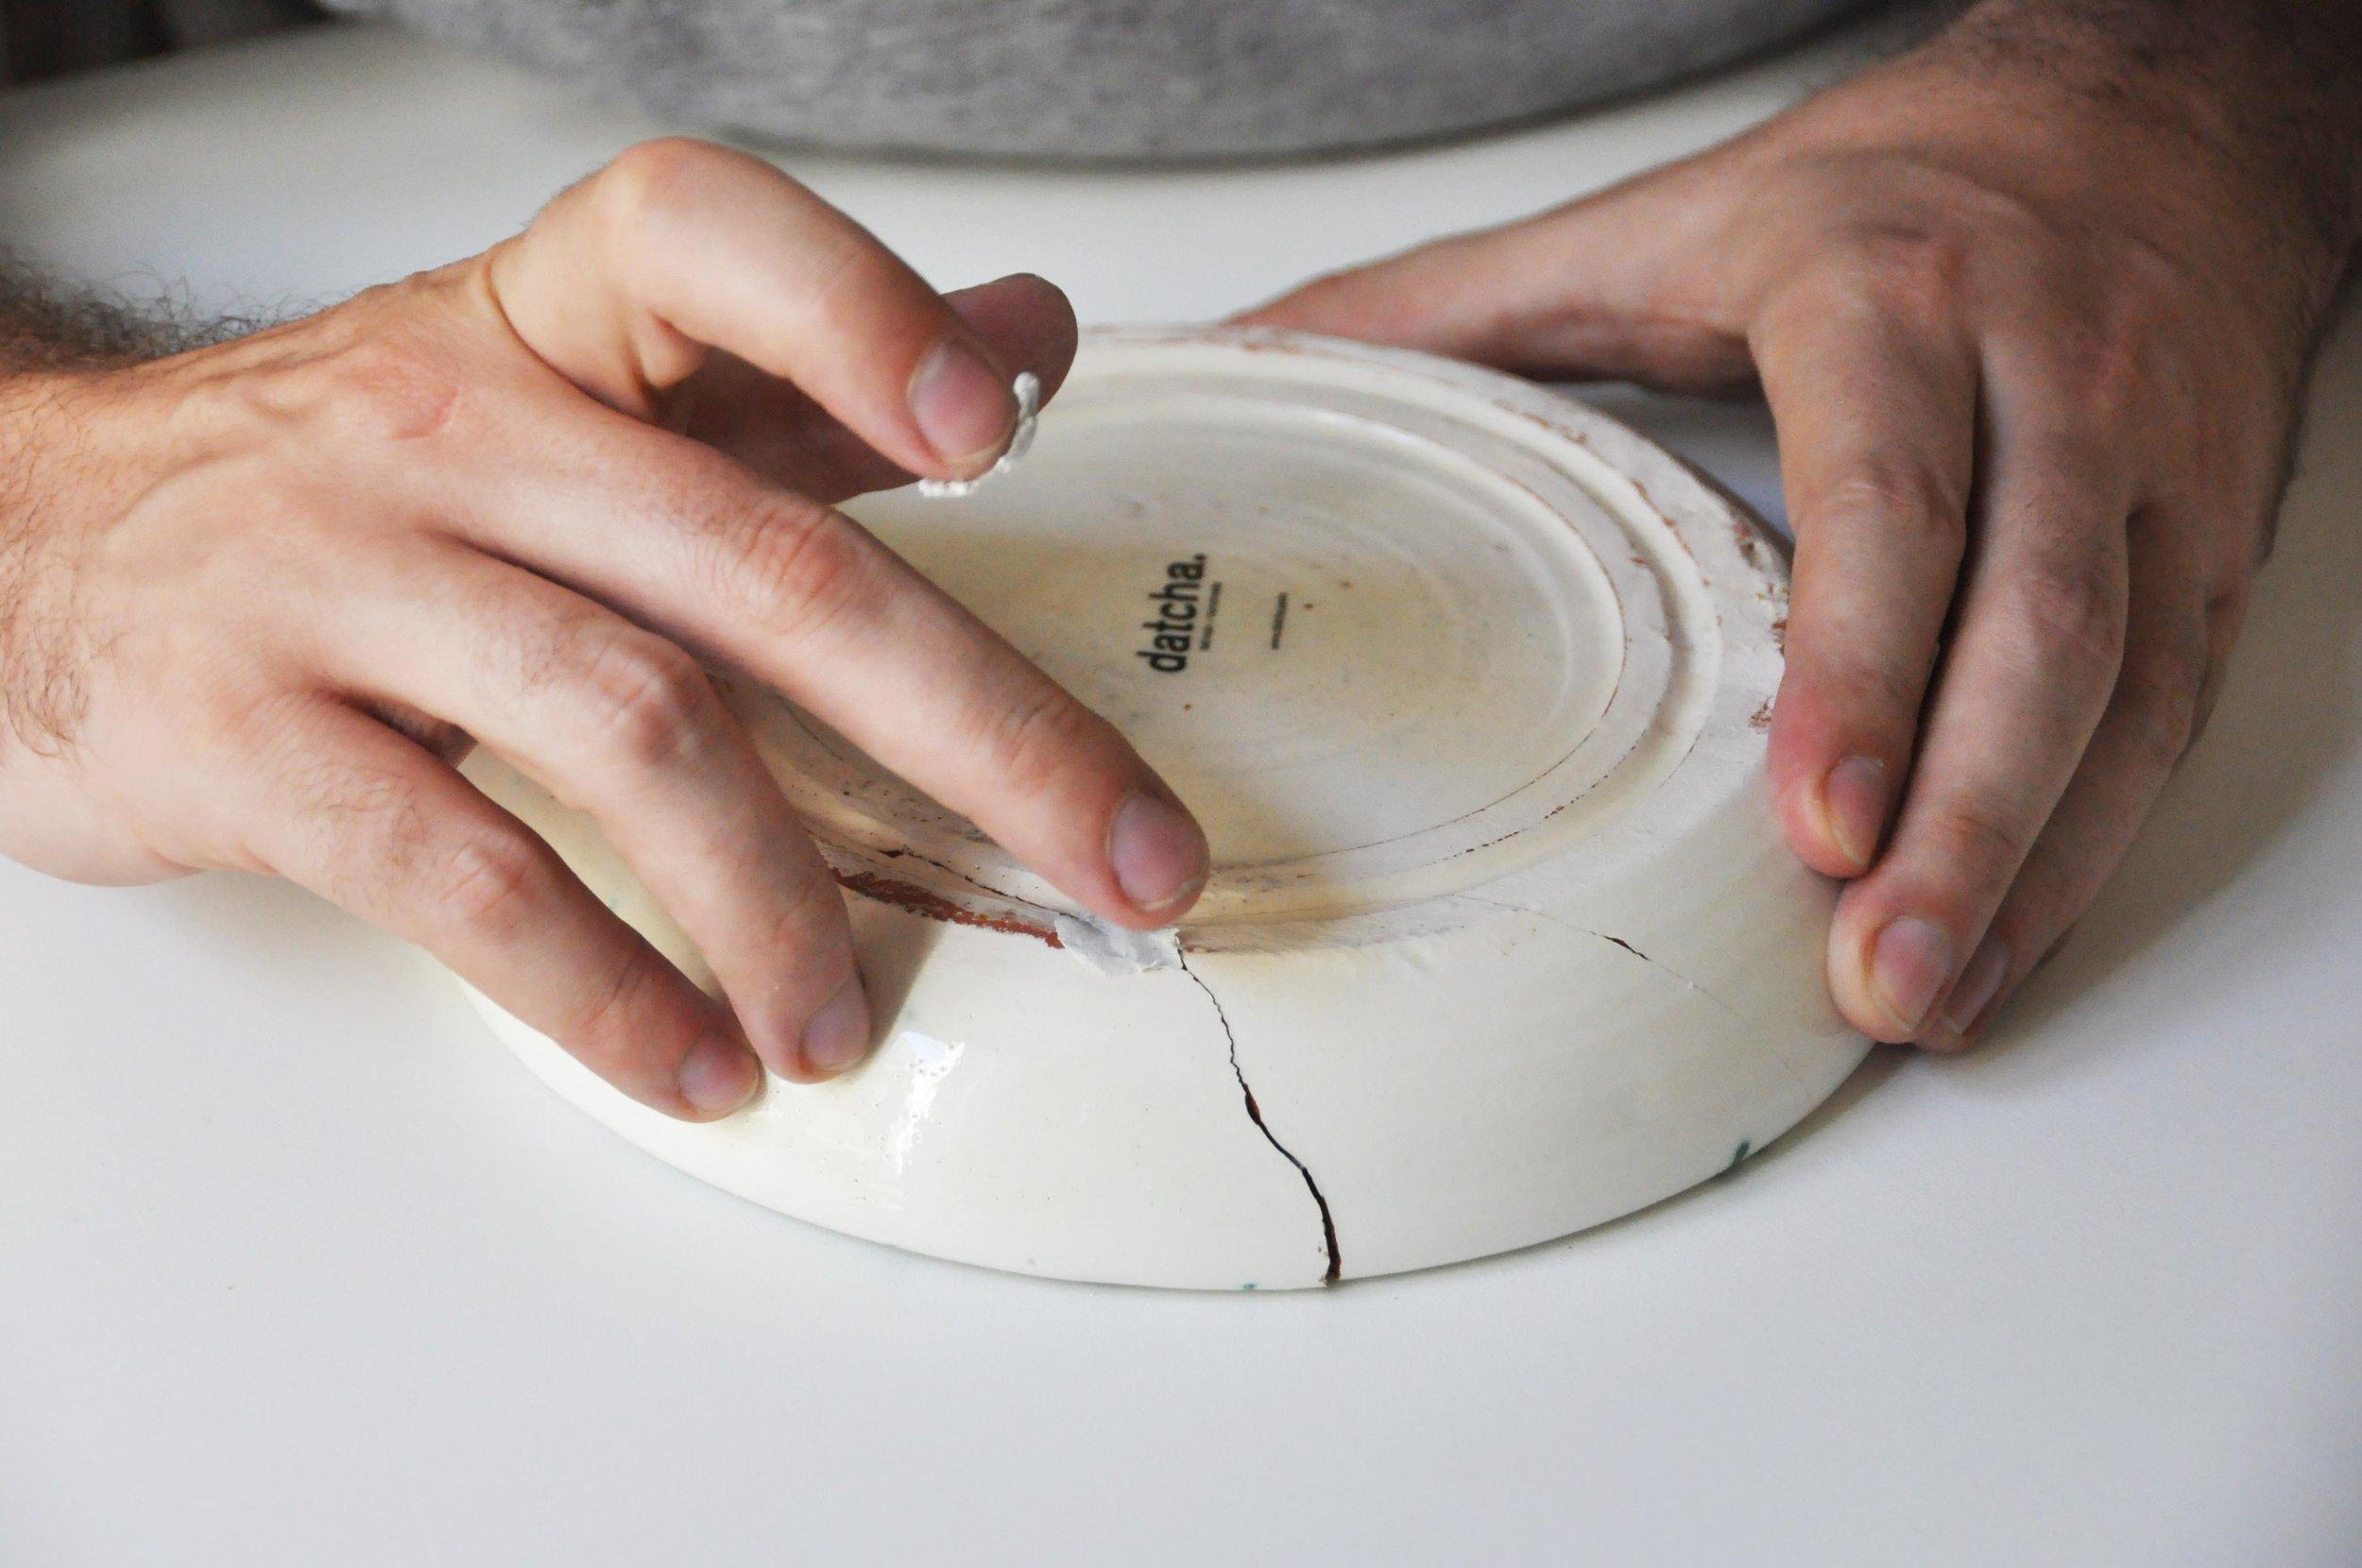 Etape 3 : Combler les fissures et les manques à l'aide d'une pâte collante pour réparations